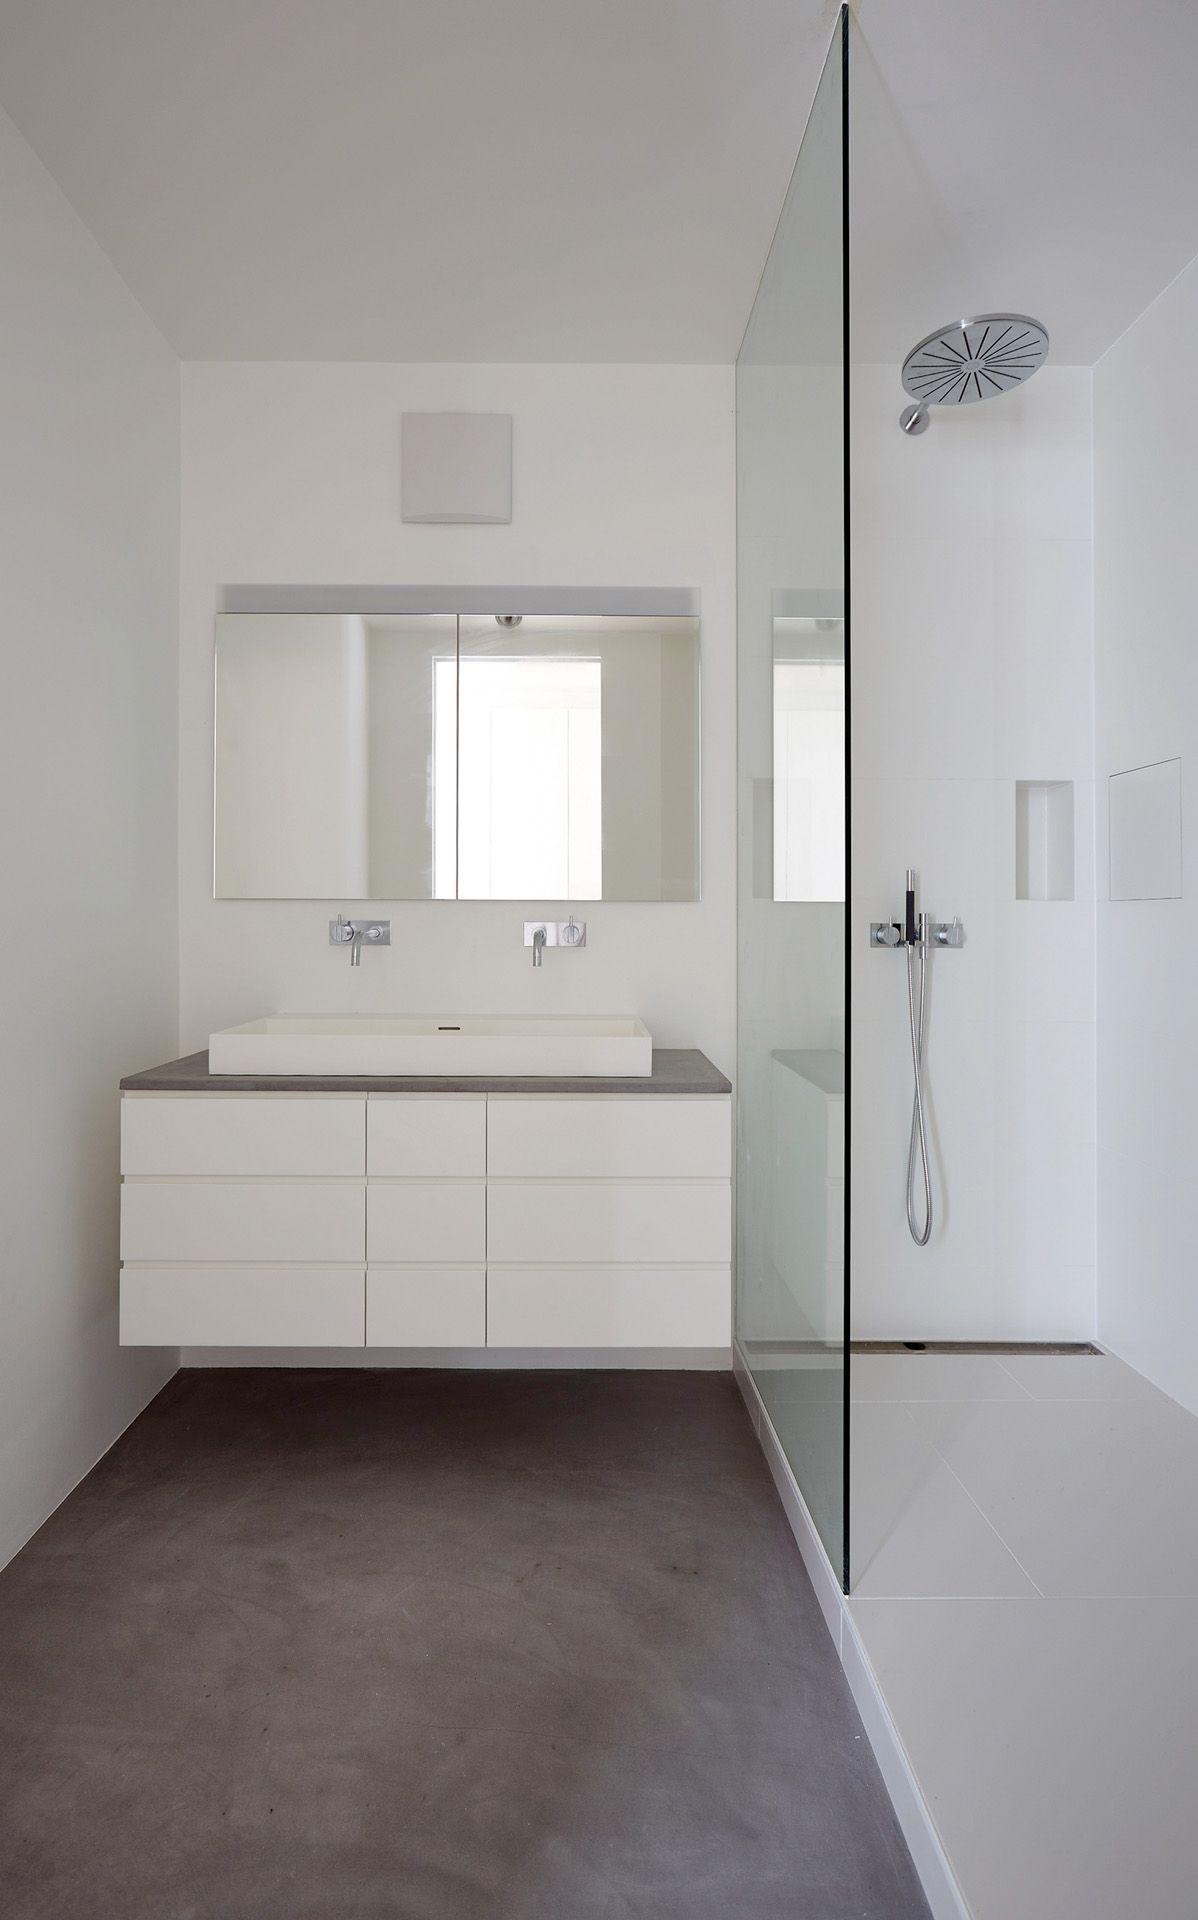 Boden Beton Cire Original In Einem Kleinen Bad Farbe 63 Gris Paris Verarbeiter Andreas Landrichter Unter A Landi Aon Bathroom Vanity Double Vanity Bathroom